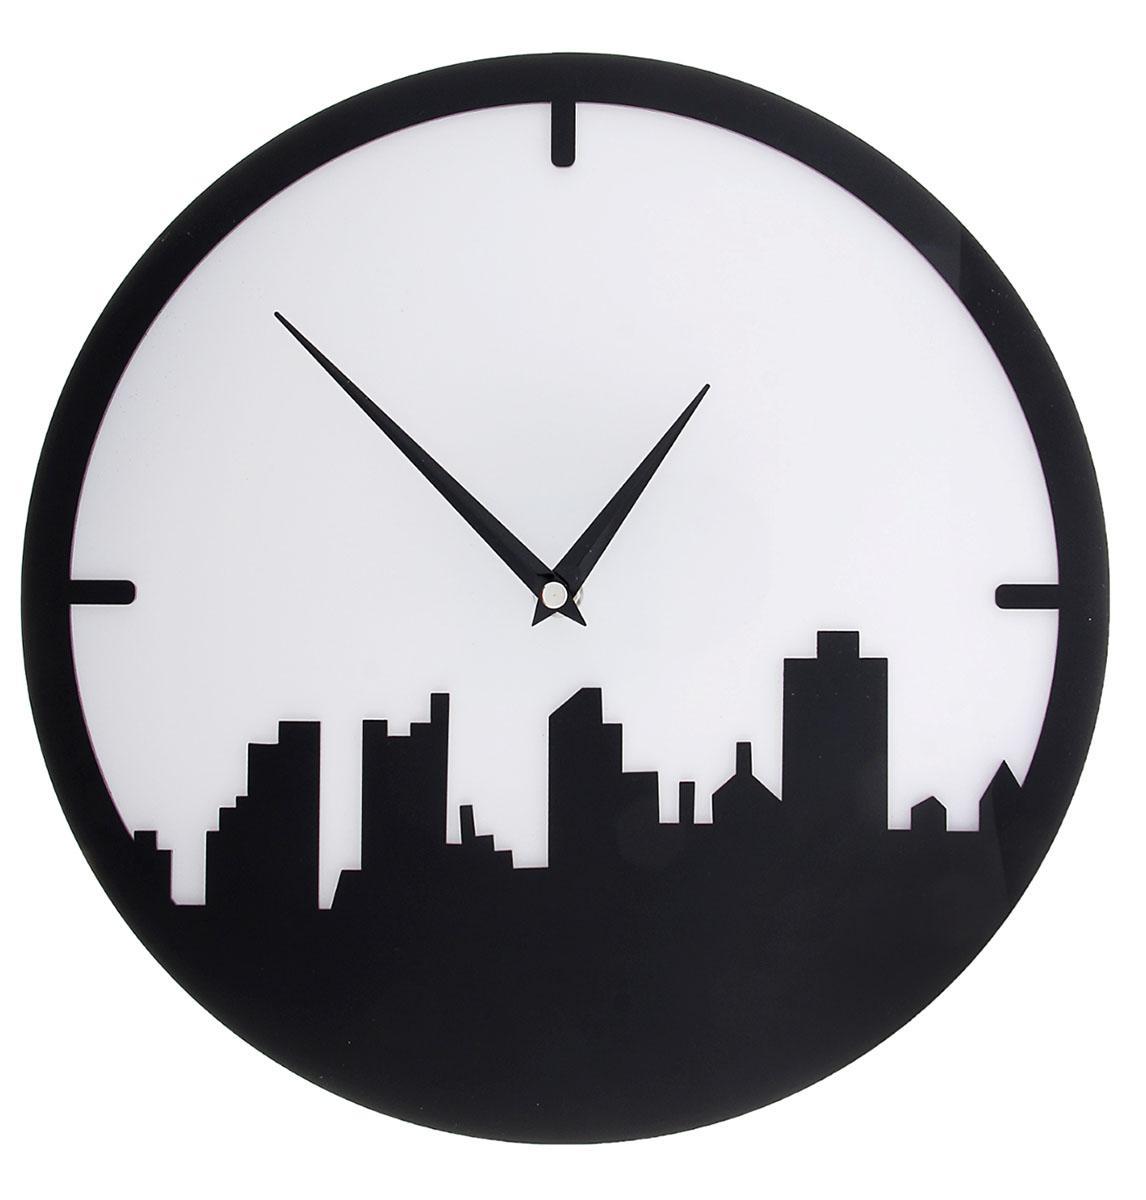 Часы настенные Акрил. Город, диаметр 30 см. 118710118710Каждому хозяину периодически приходит мысль обновить свою квартиру, сделать ремонт, перестановку или кардинально поменять внешний вид каждой комнаты. Часы настенные интерьерные Серия Акрил. Мегаполис, d=30 см, черно-белые — привлекательная деталь, которая поможет воплотить вашу интерьерную идею, создать неповторимую атмосферу в вашем доме. Окружите себя приятными мелочами, пусть они радуют глаз и дарят гармонию.Часы настенные серия Акрил Город черный с белым d=30см 118710